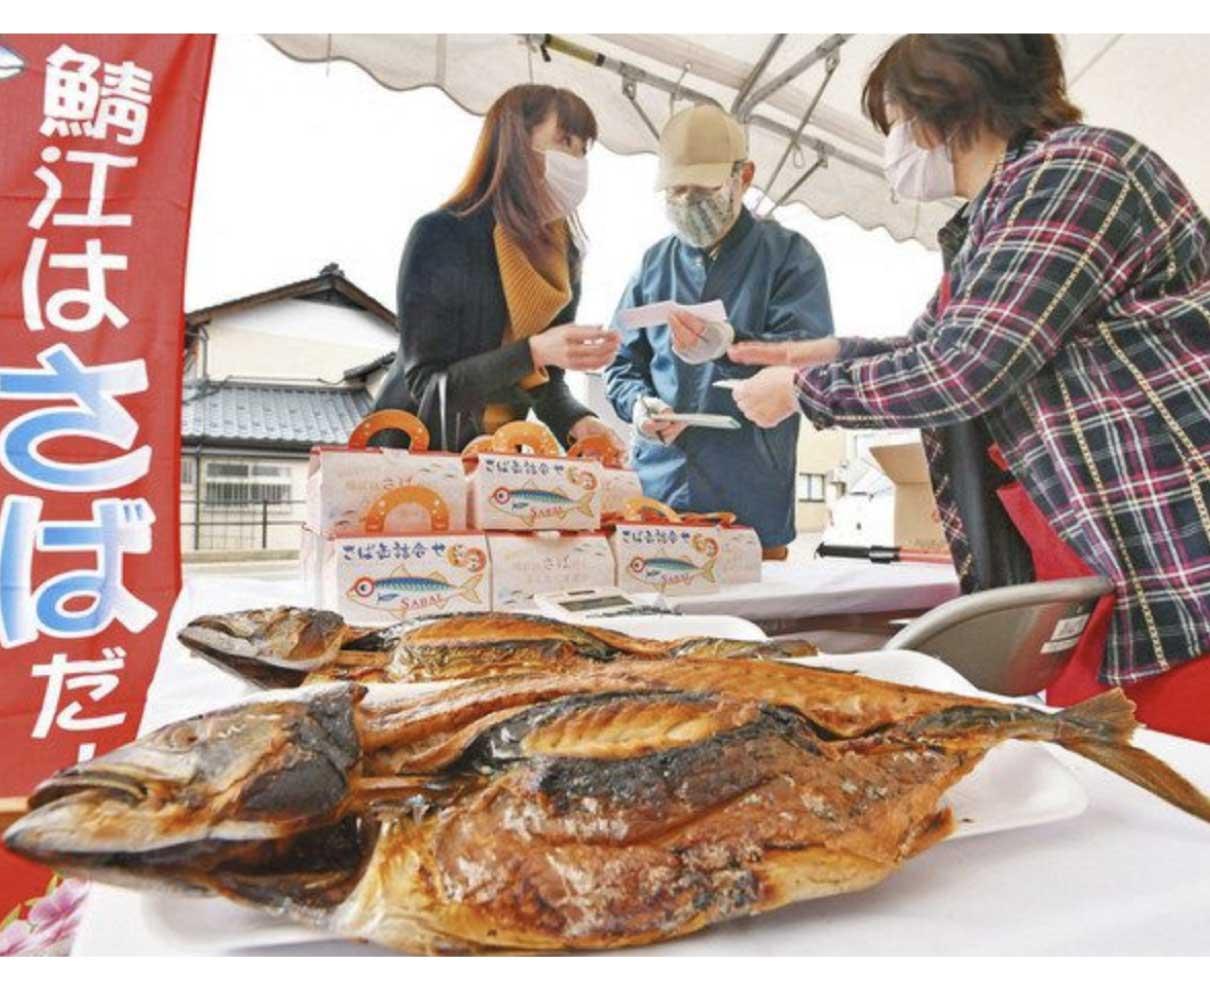 3月8日は「鯖の日」 丸焼きサバ食べて 鯖江でイベント